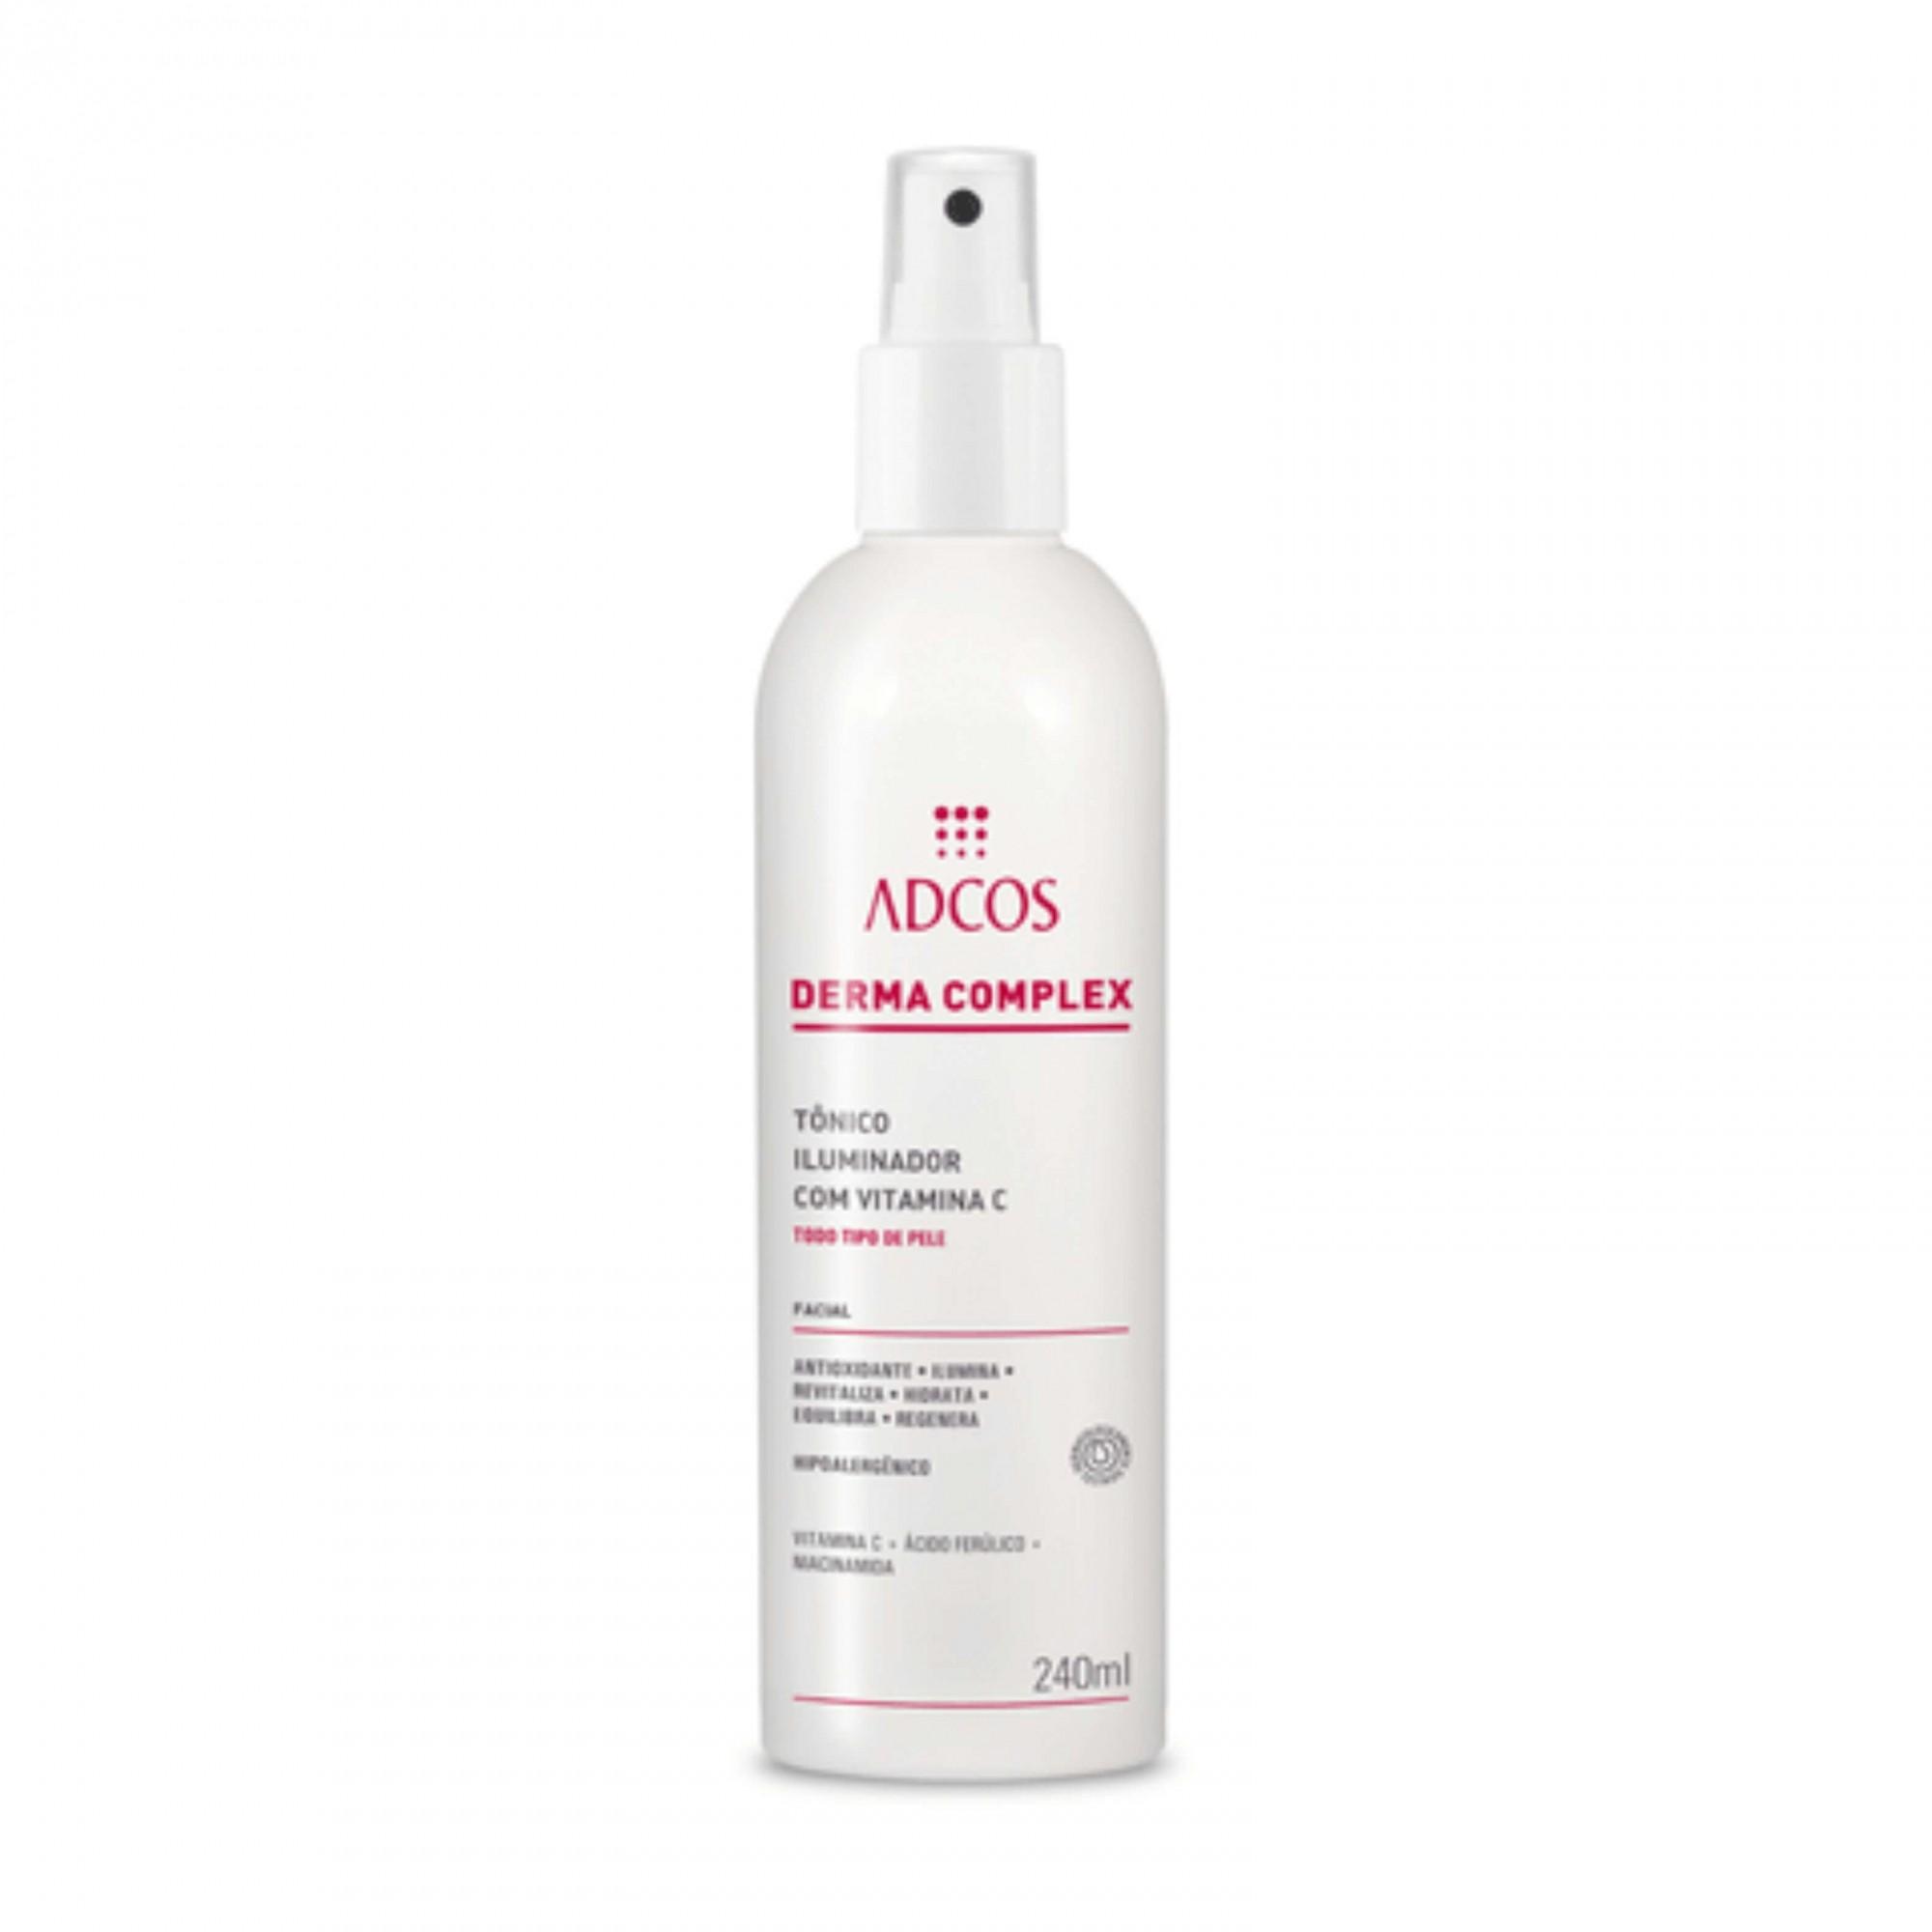 Derma Complex - Tônico Iluminador com Vitamina C ADCOS 240ml